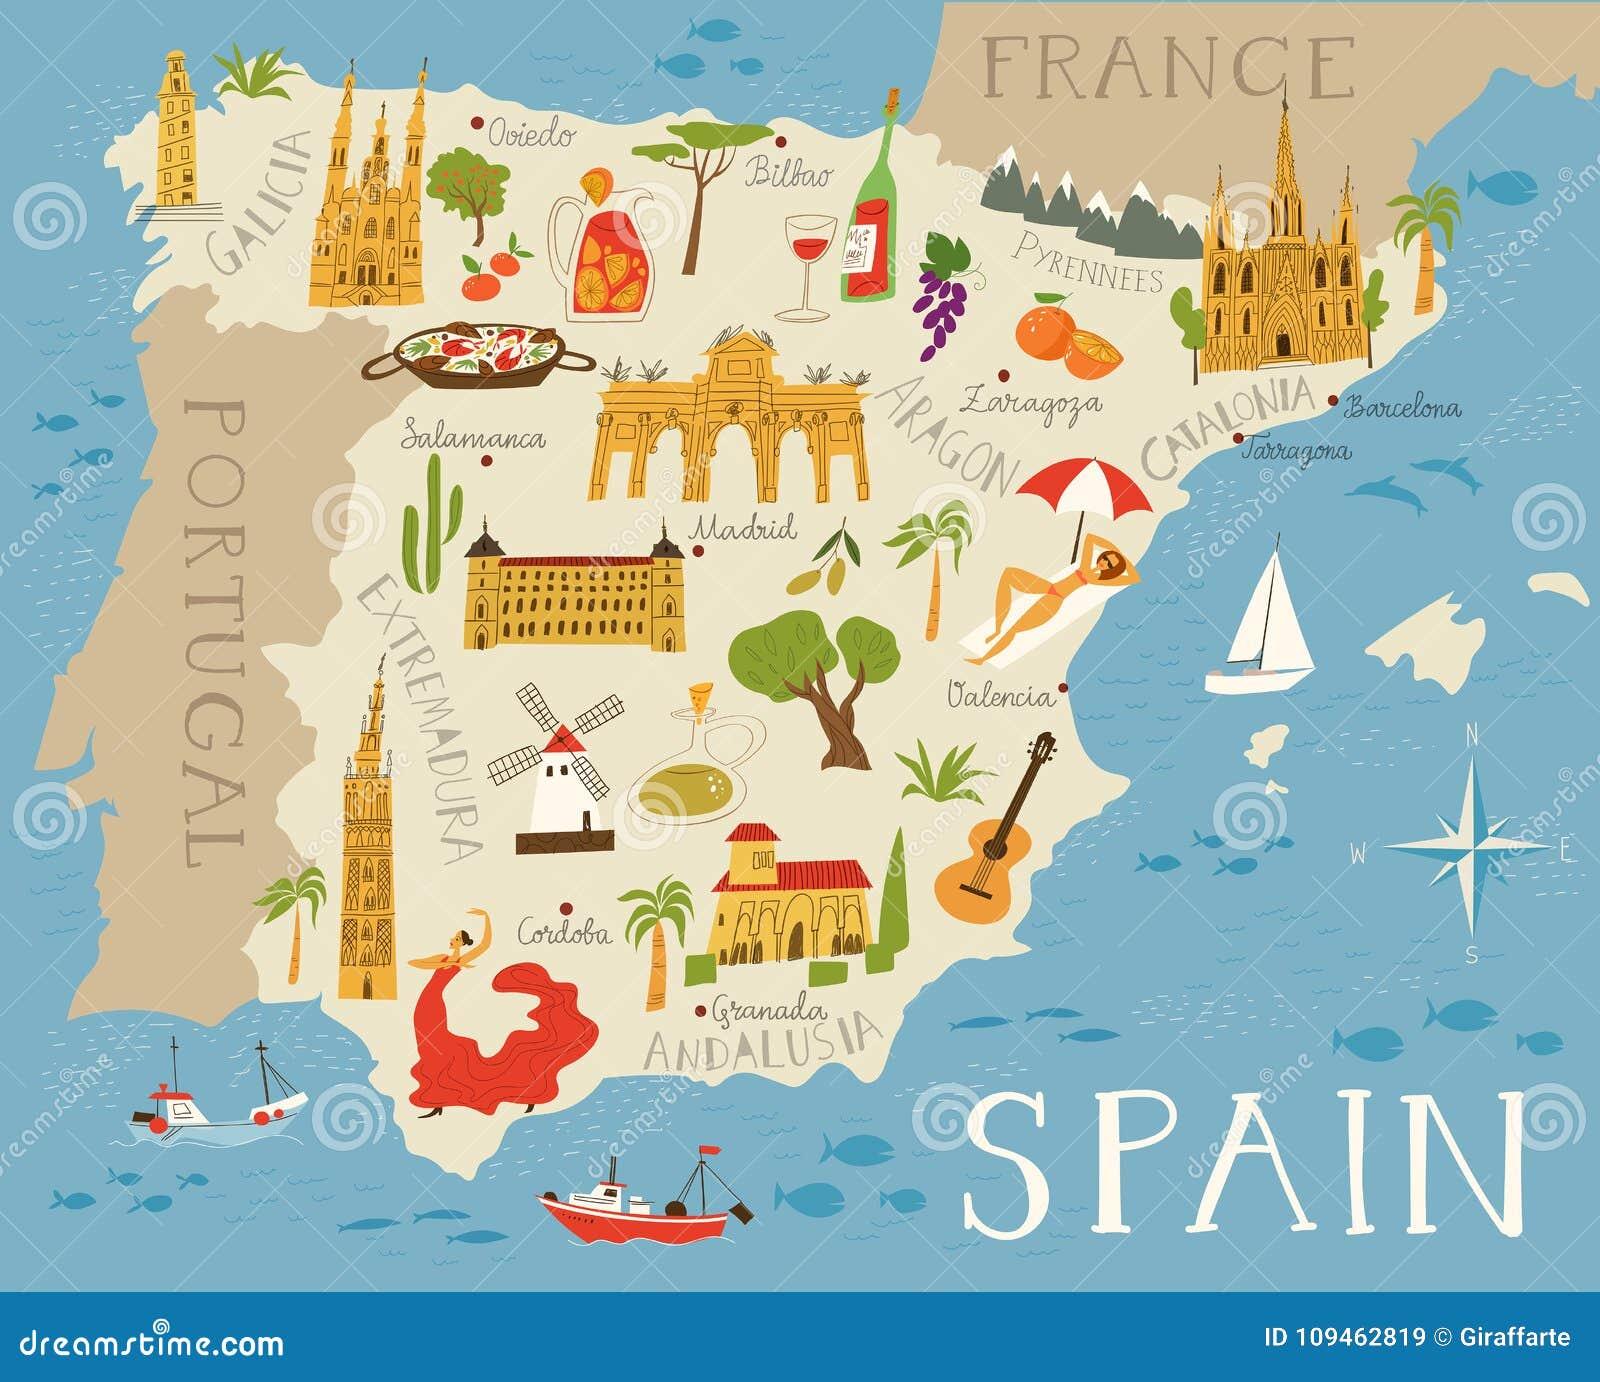 Hohe ausführliche Karte von Spanien